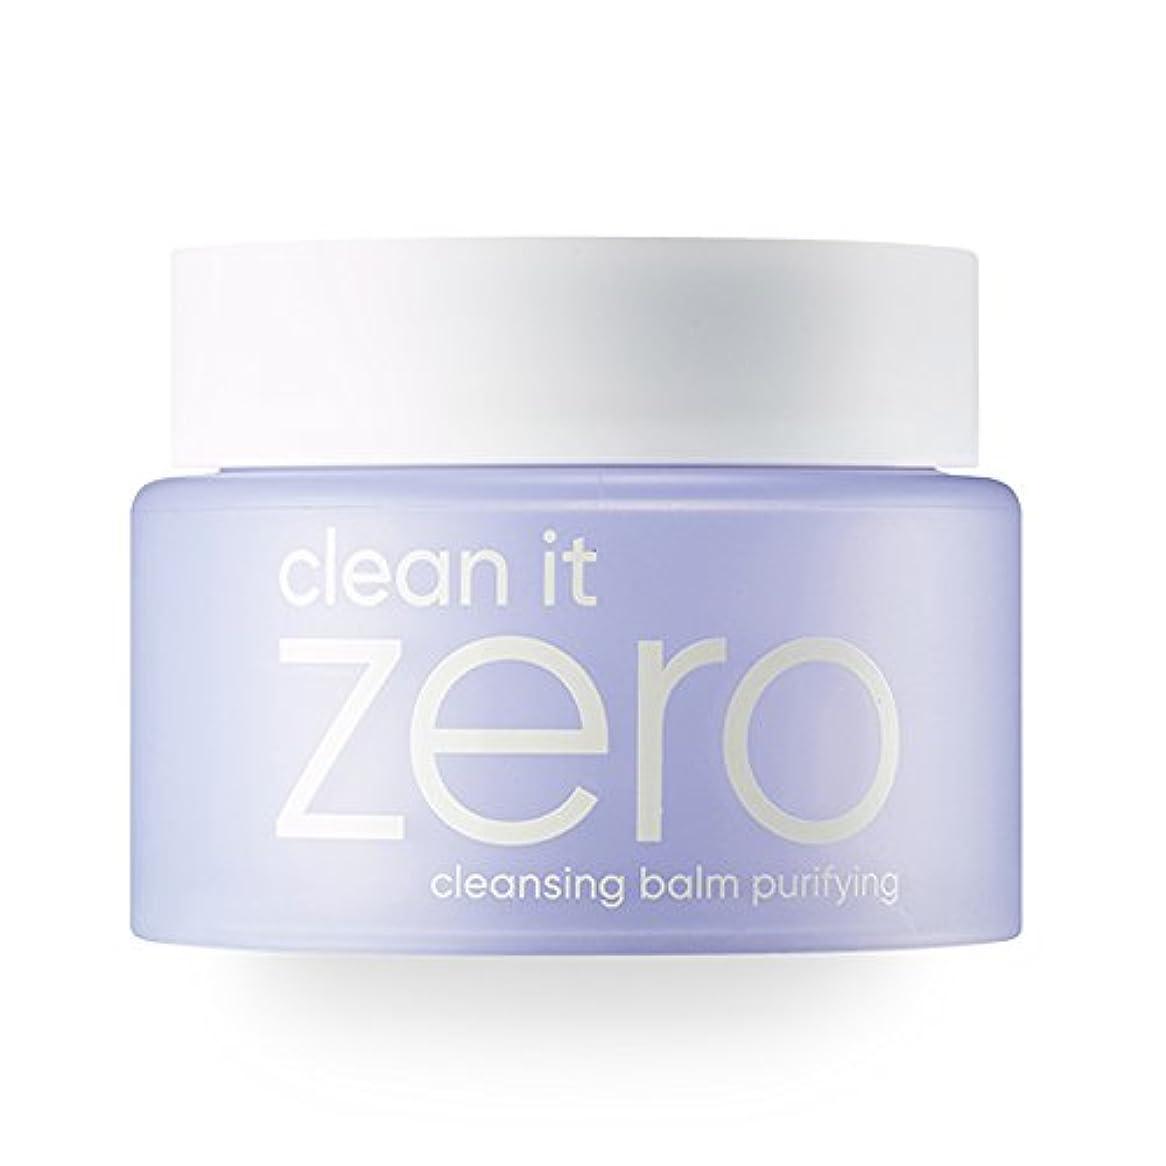 移民受粉者医薬BANILA CO(バニラコ) クリーン イット ゼロ クレンジング バーム ピュリファイング Clean It Zero Purifying